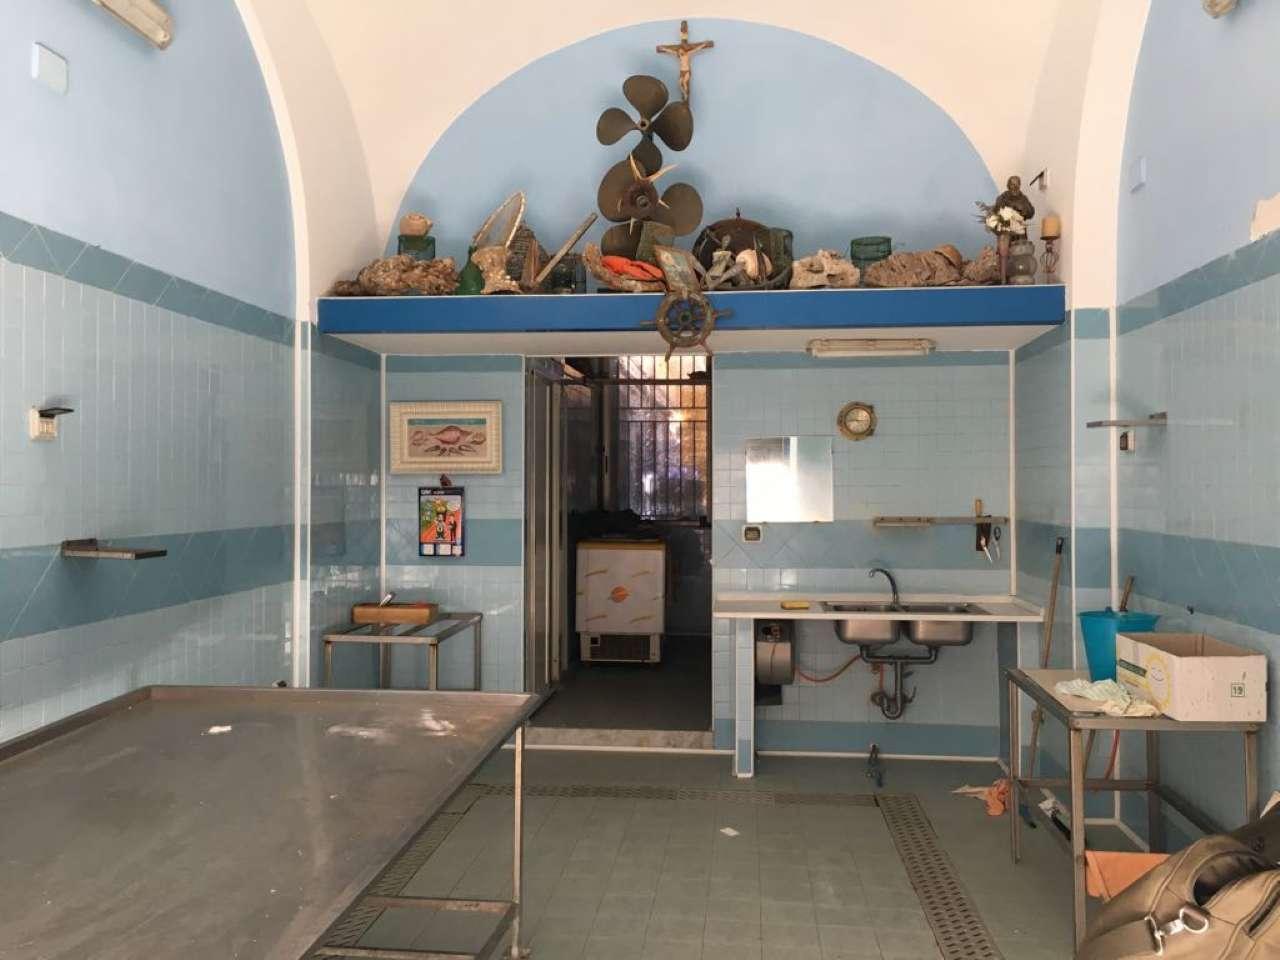 Negozio / Locale in affitto a Ercolano, 2 locali, prezzo € 450 | CambioCasa.it